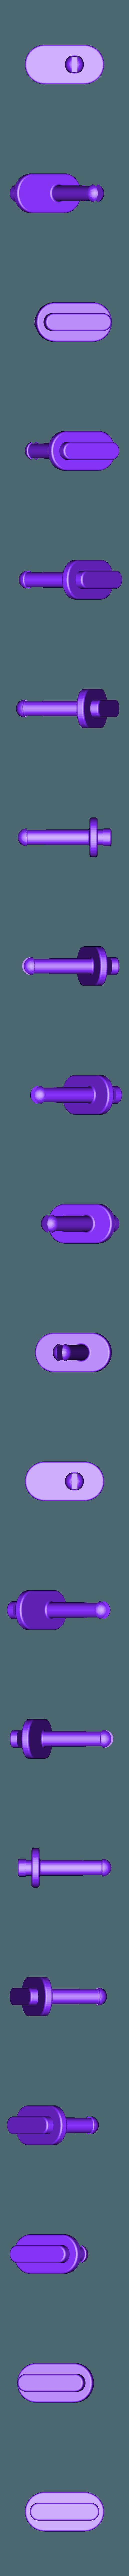 Support_roue.stl Télécharger fichier STL gratuit Souris / Roue de rongeur • Plan imprimable en 3D, aleph34